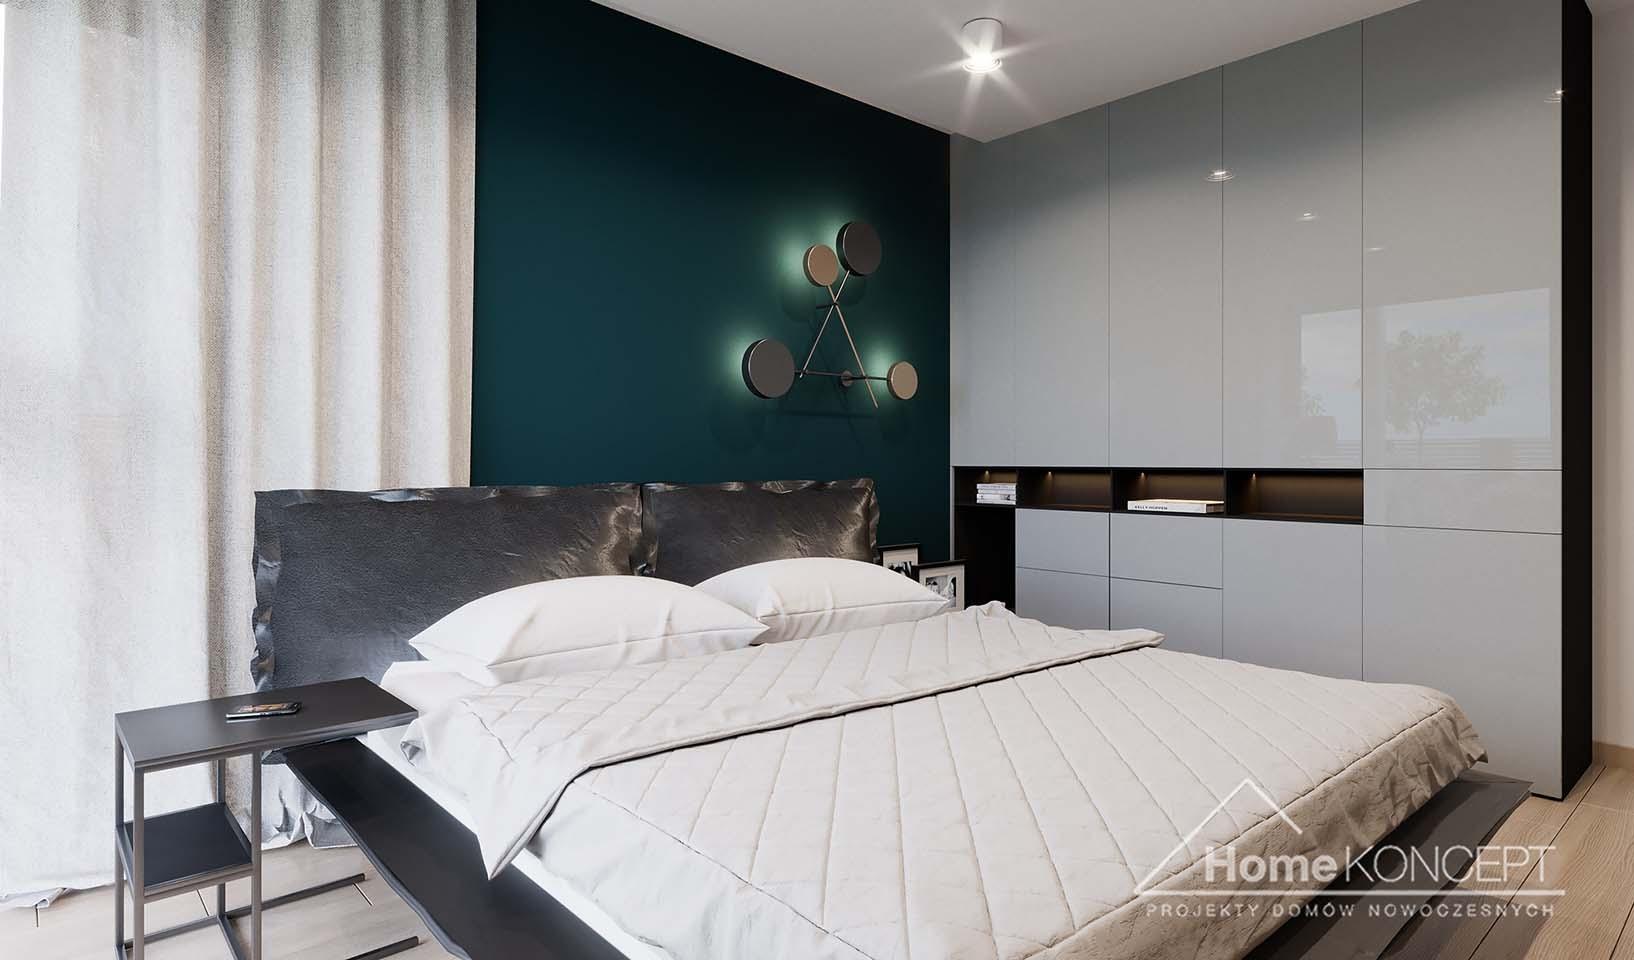 Sypialnia Hk57